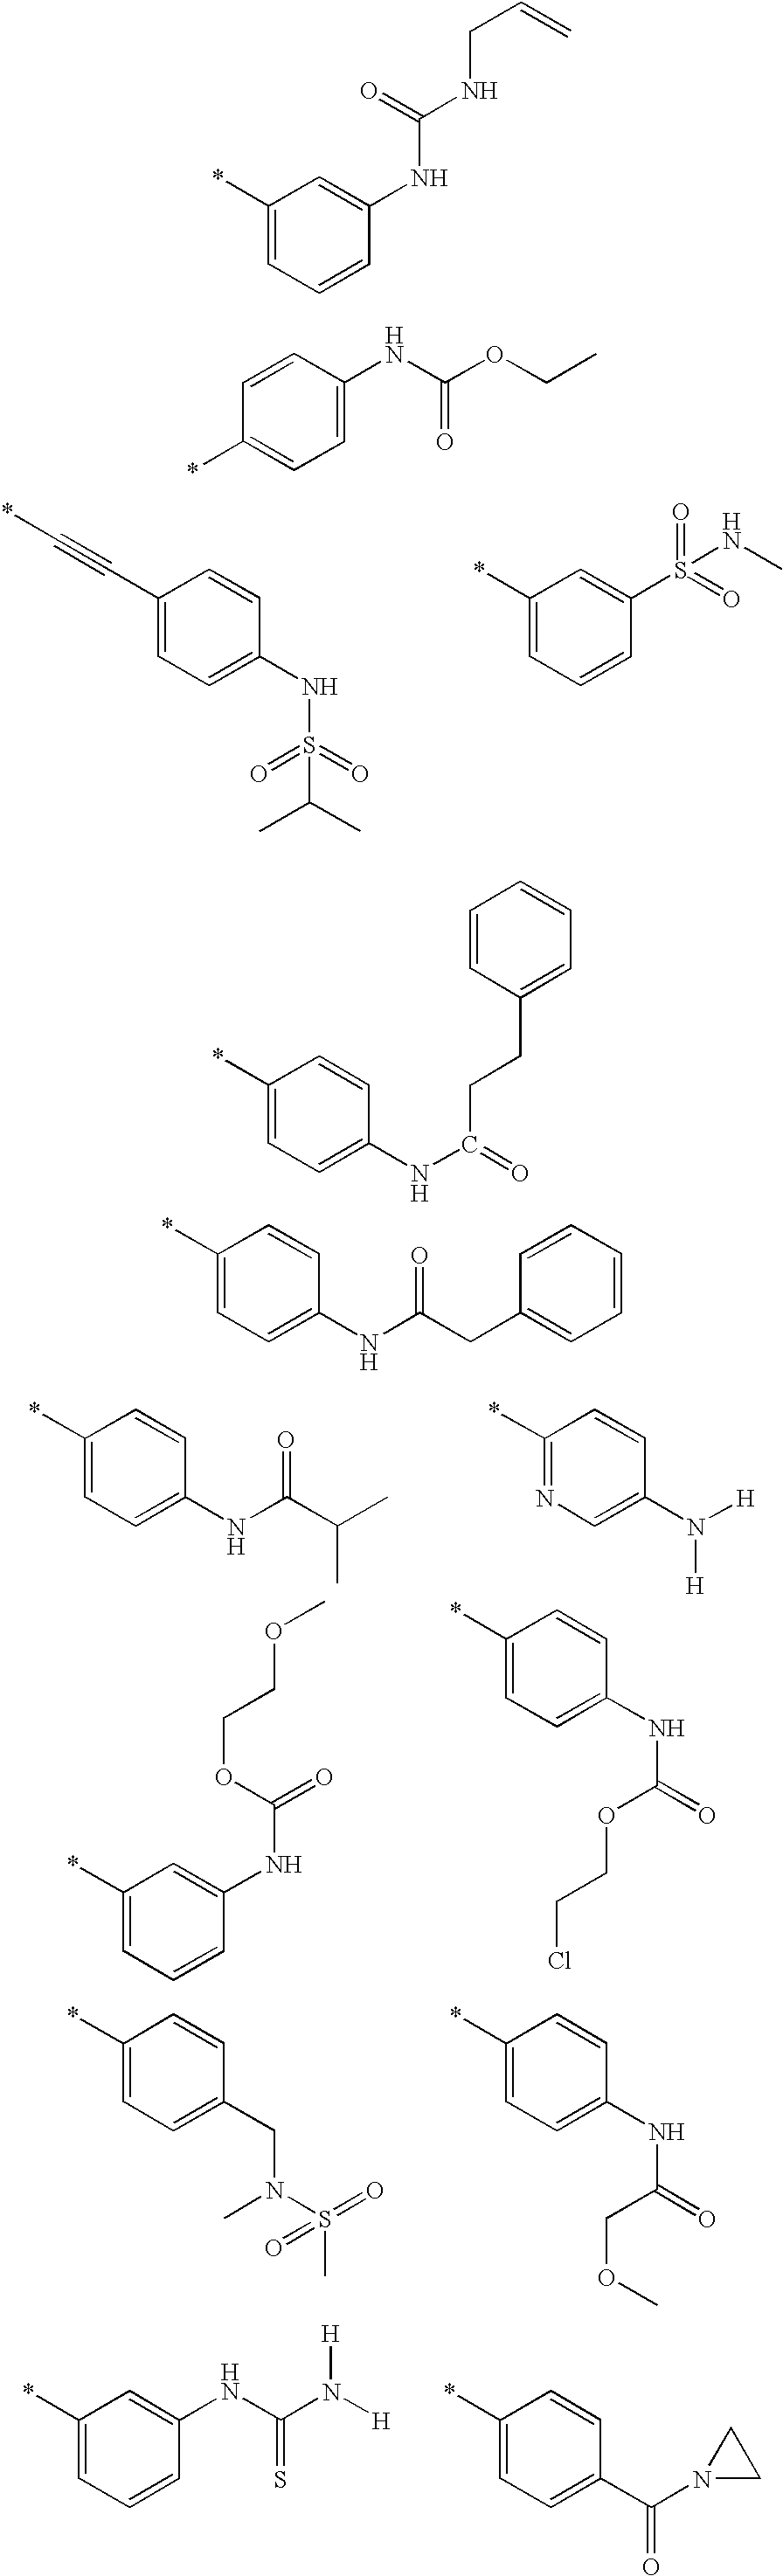 Figure US07781478-20100824-C00162